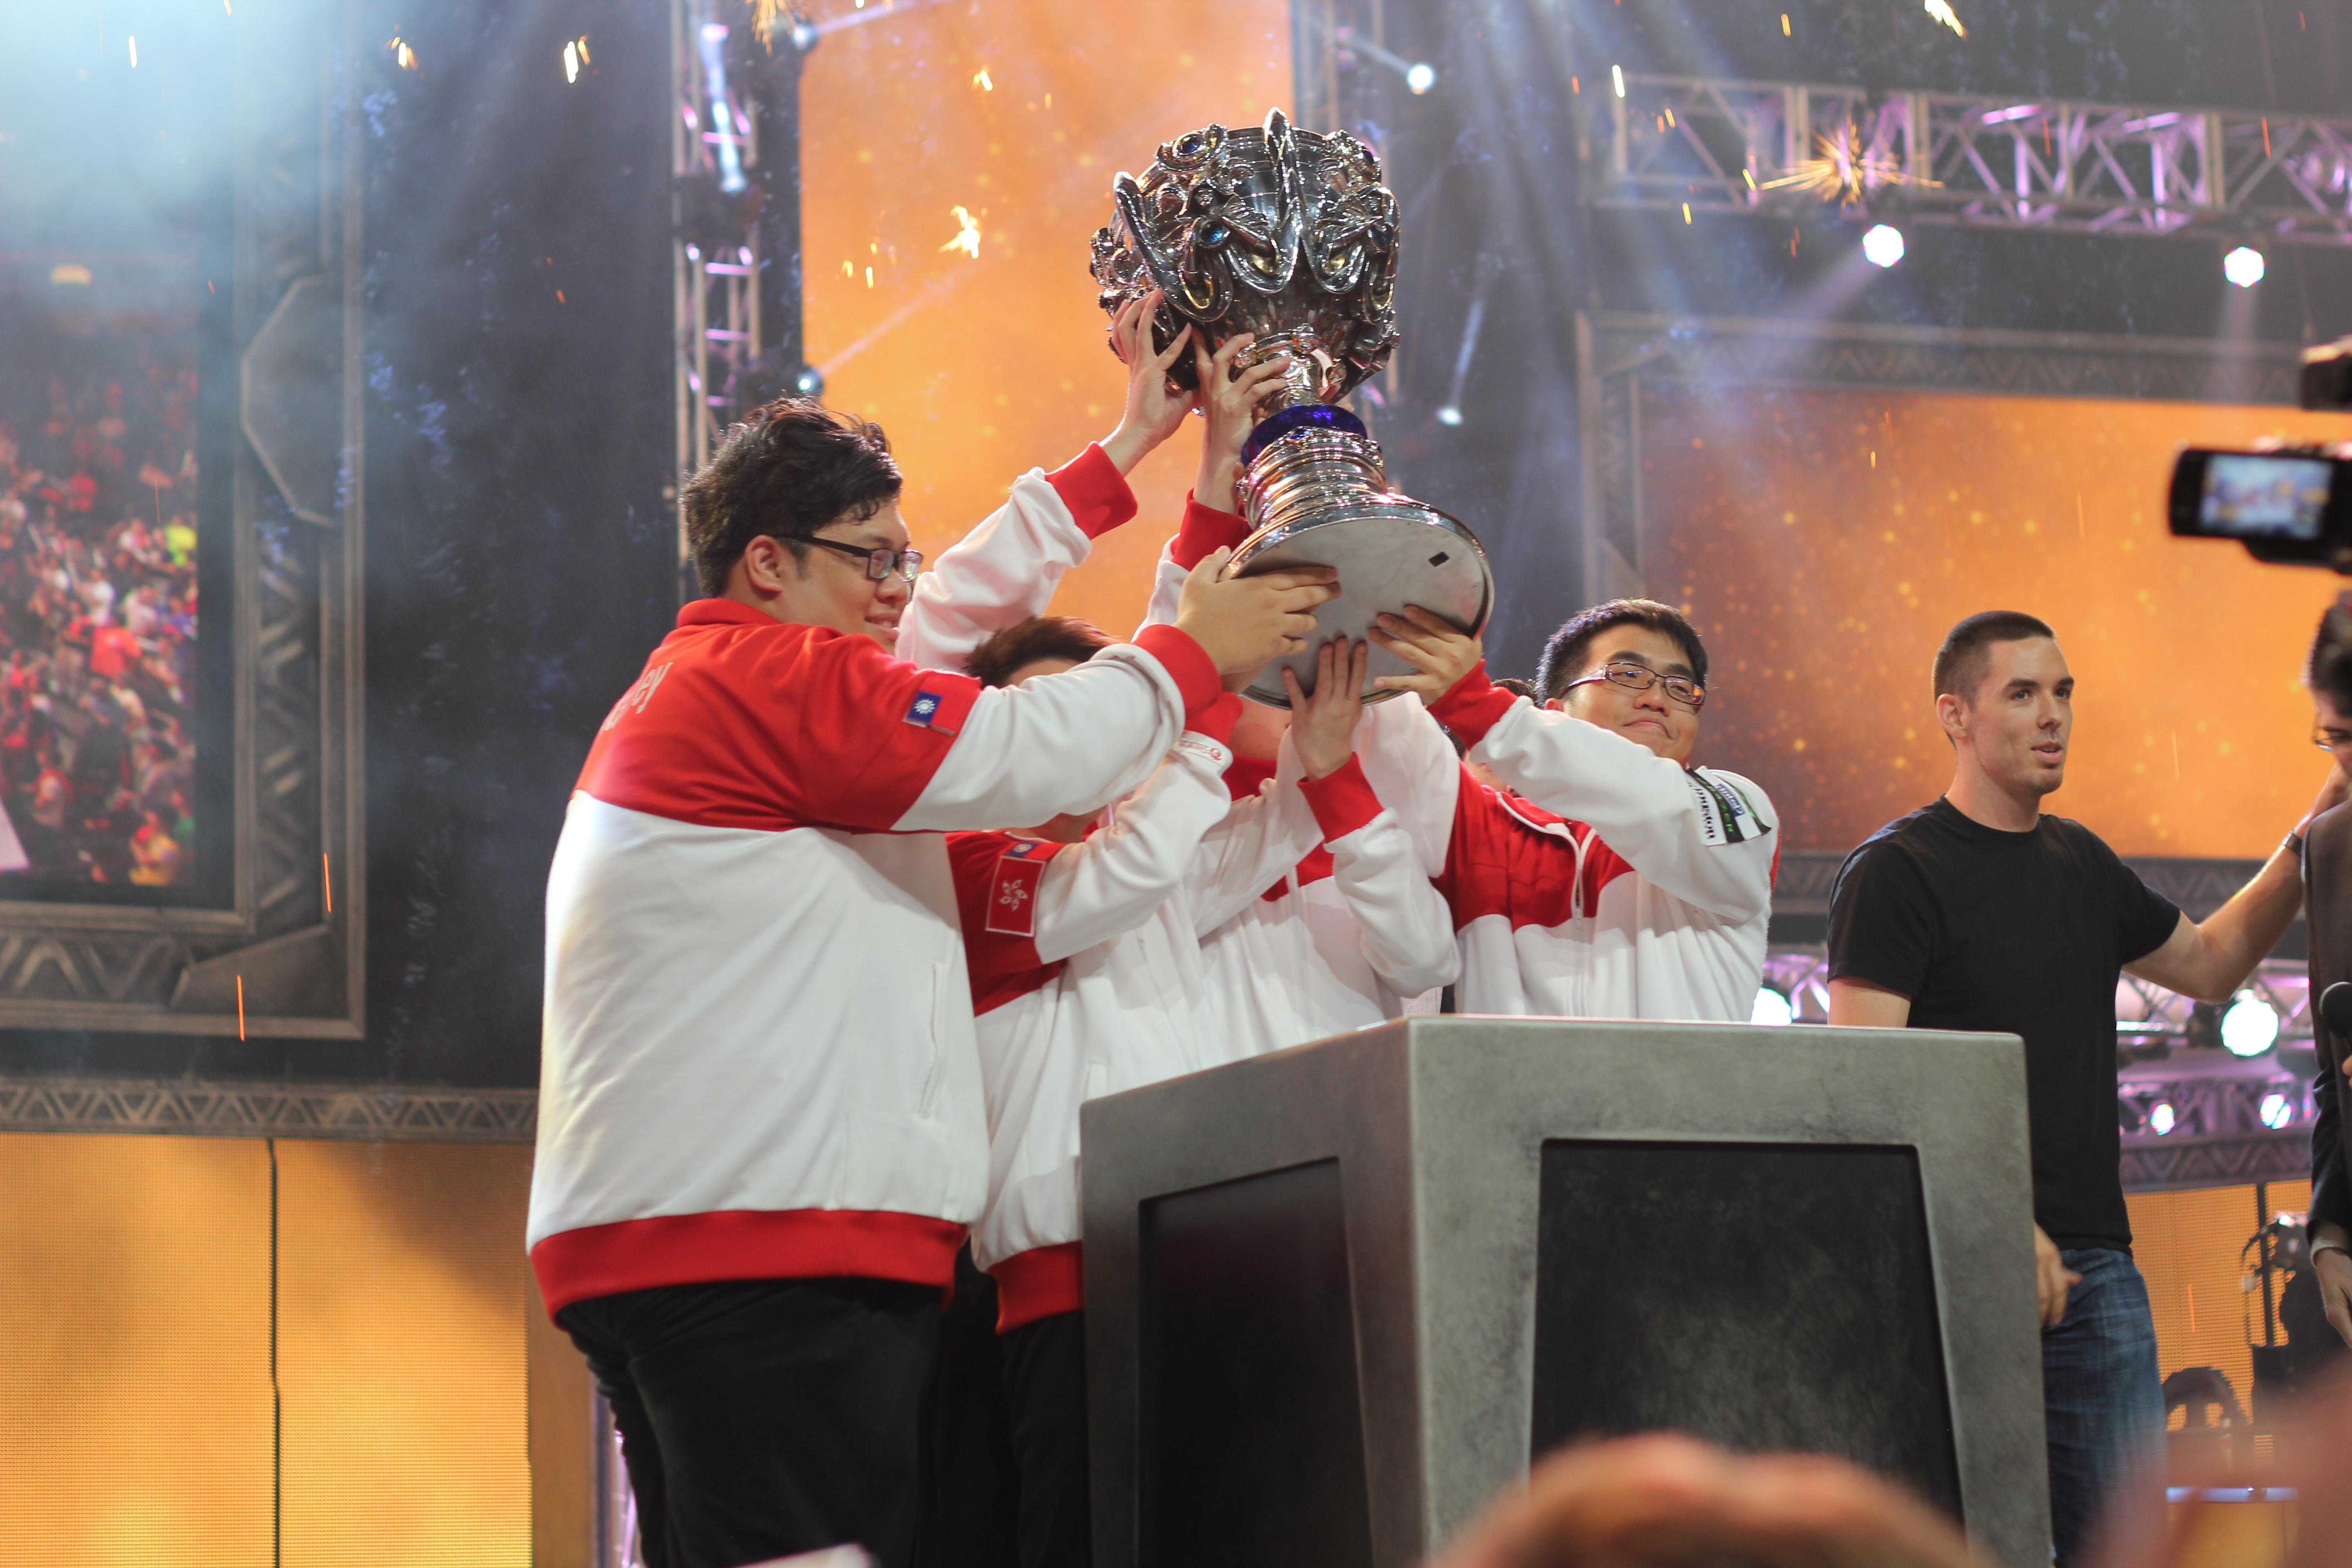 台北暗殺星在S2世界大賽獲得冠軍